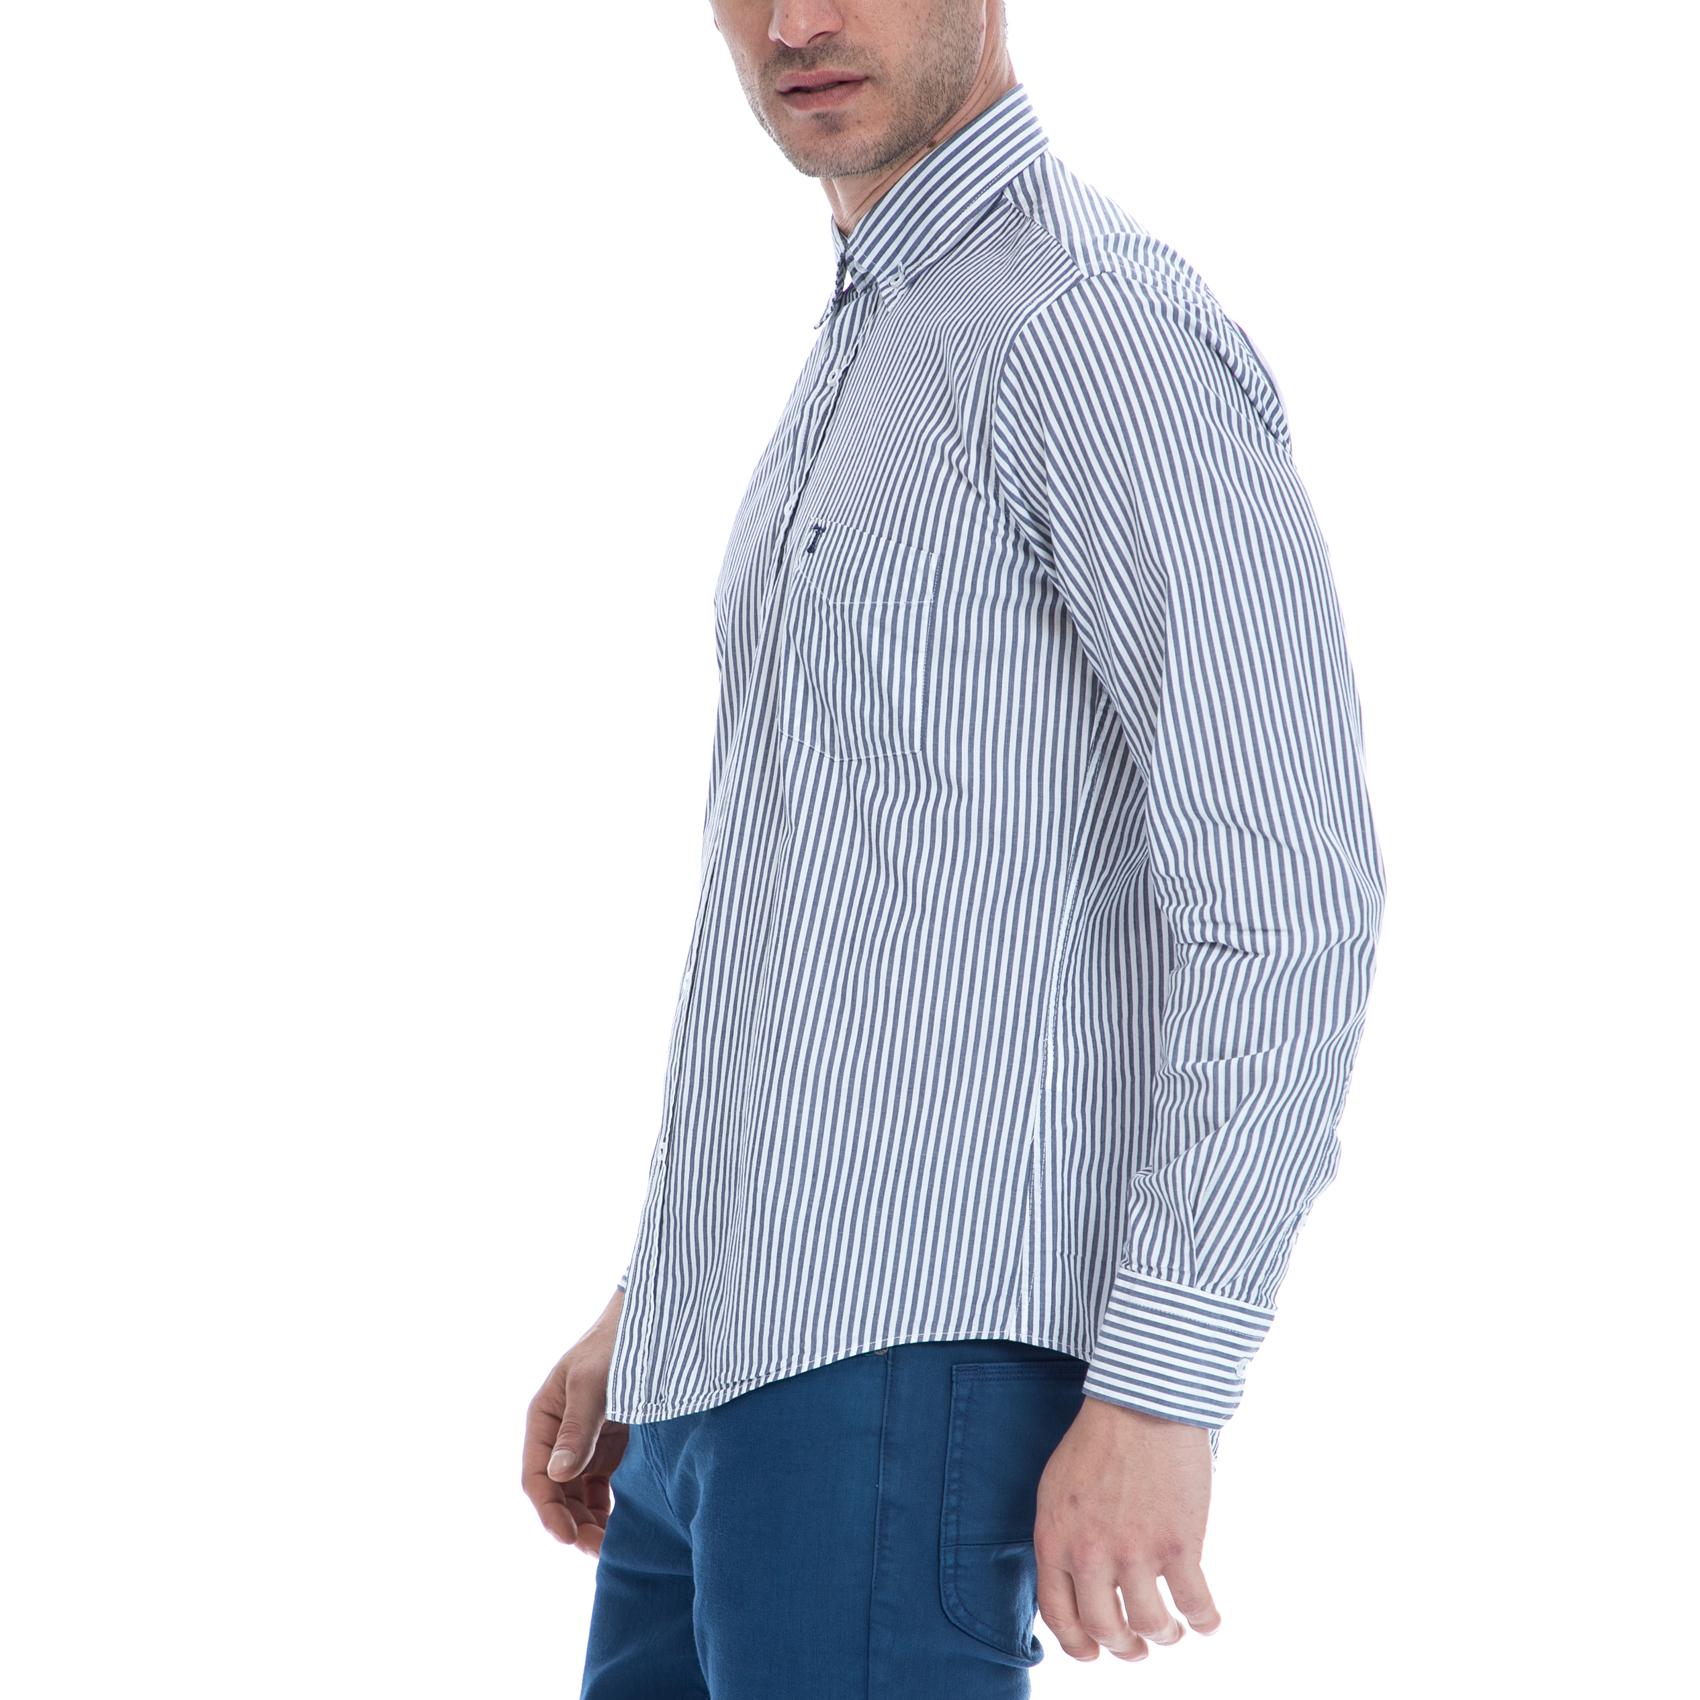 1a6e81f1d52e HAMPTONS - Ανδρικό πουκάμισο HAMPTONS λευκό-μπλε